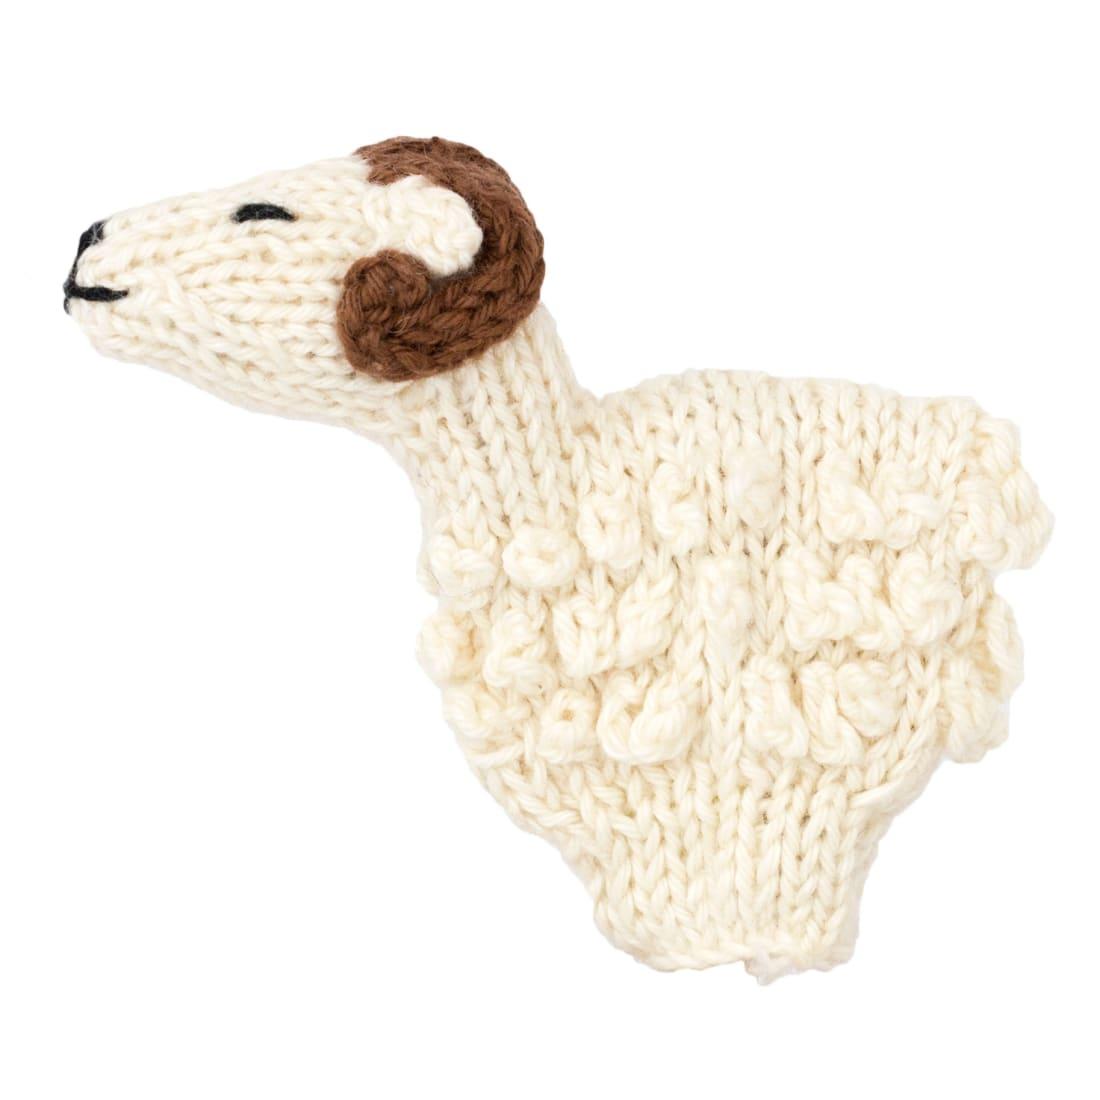 UKP204B Horned Sheep